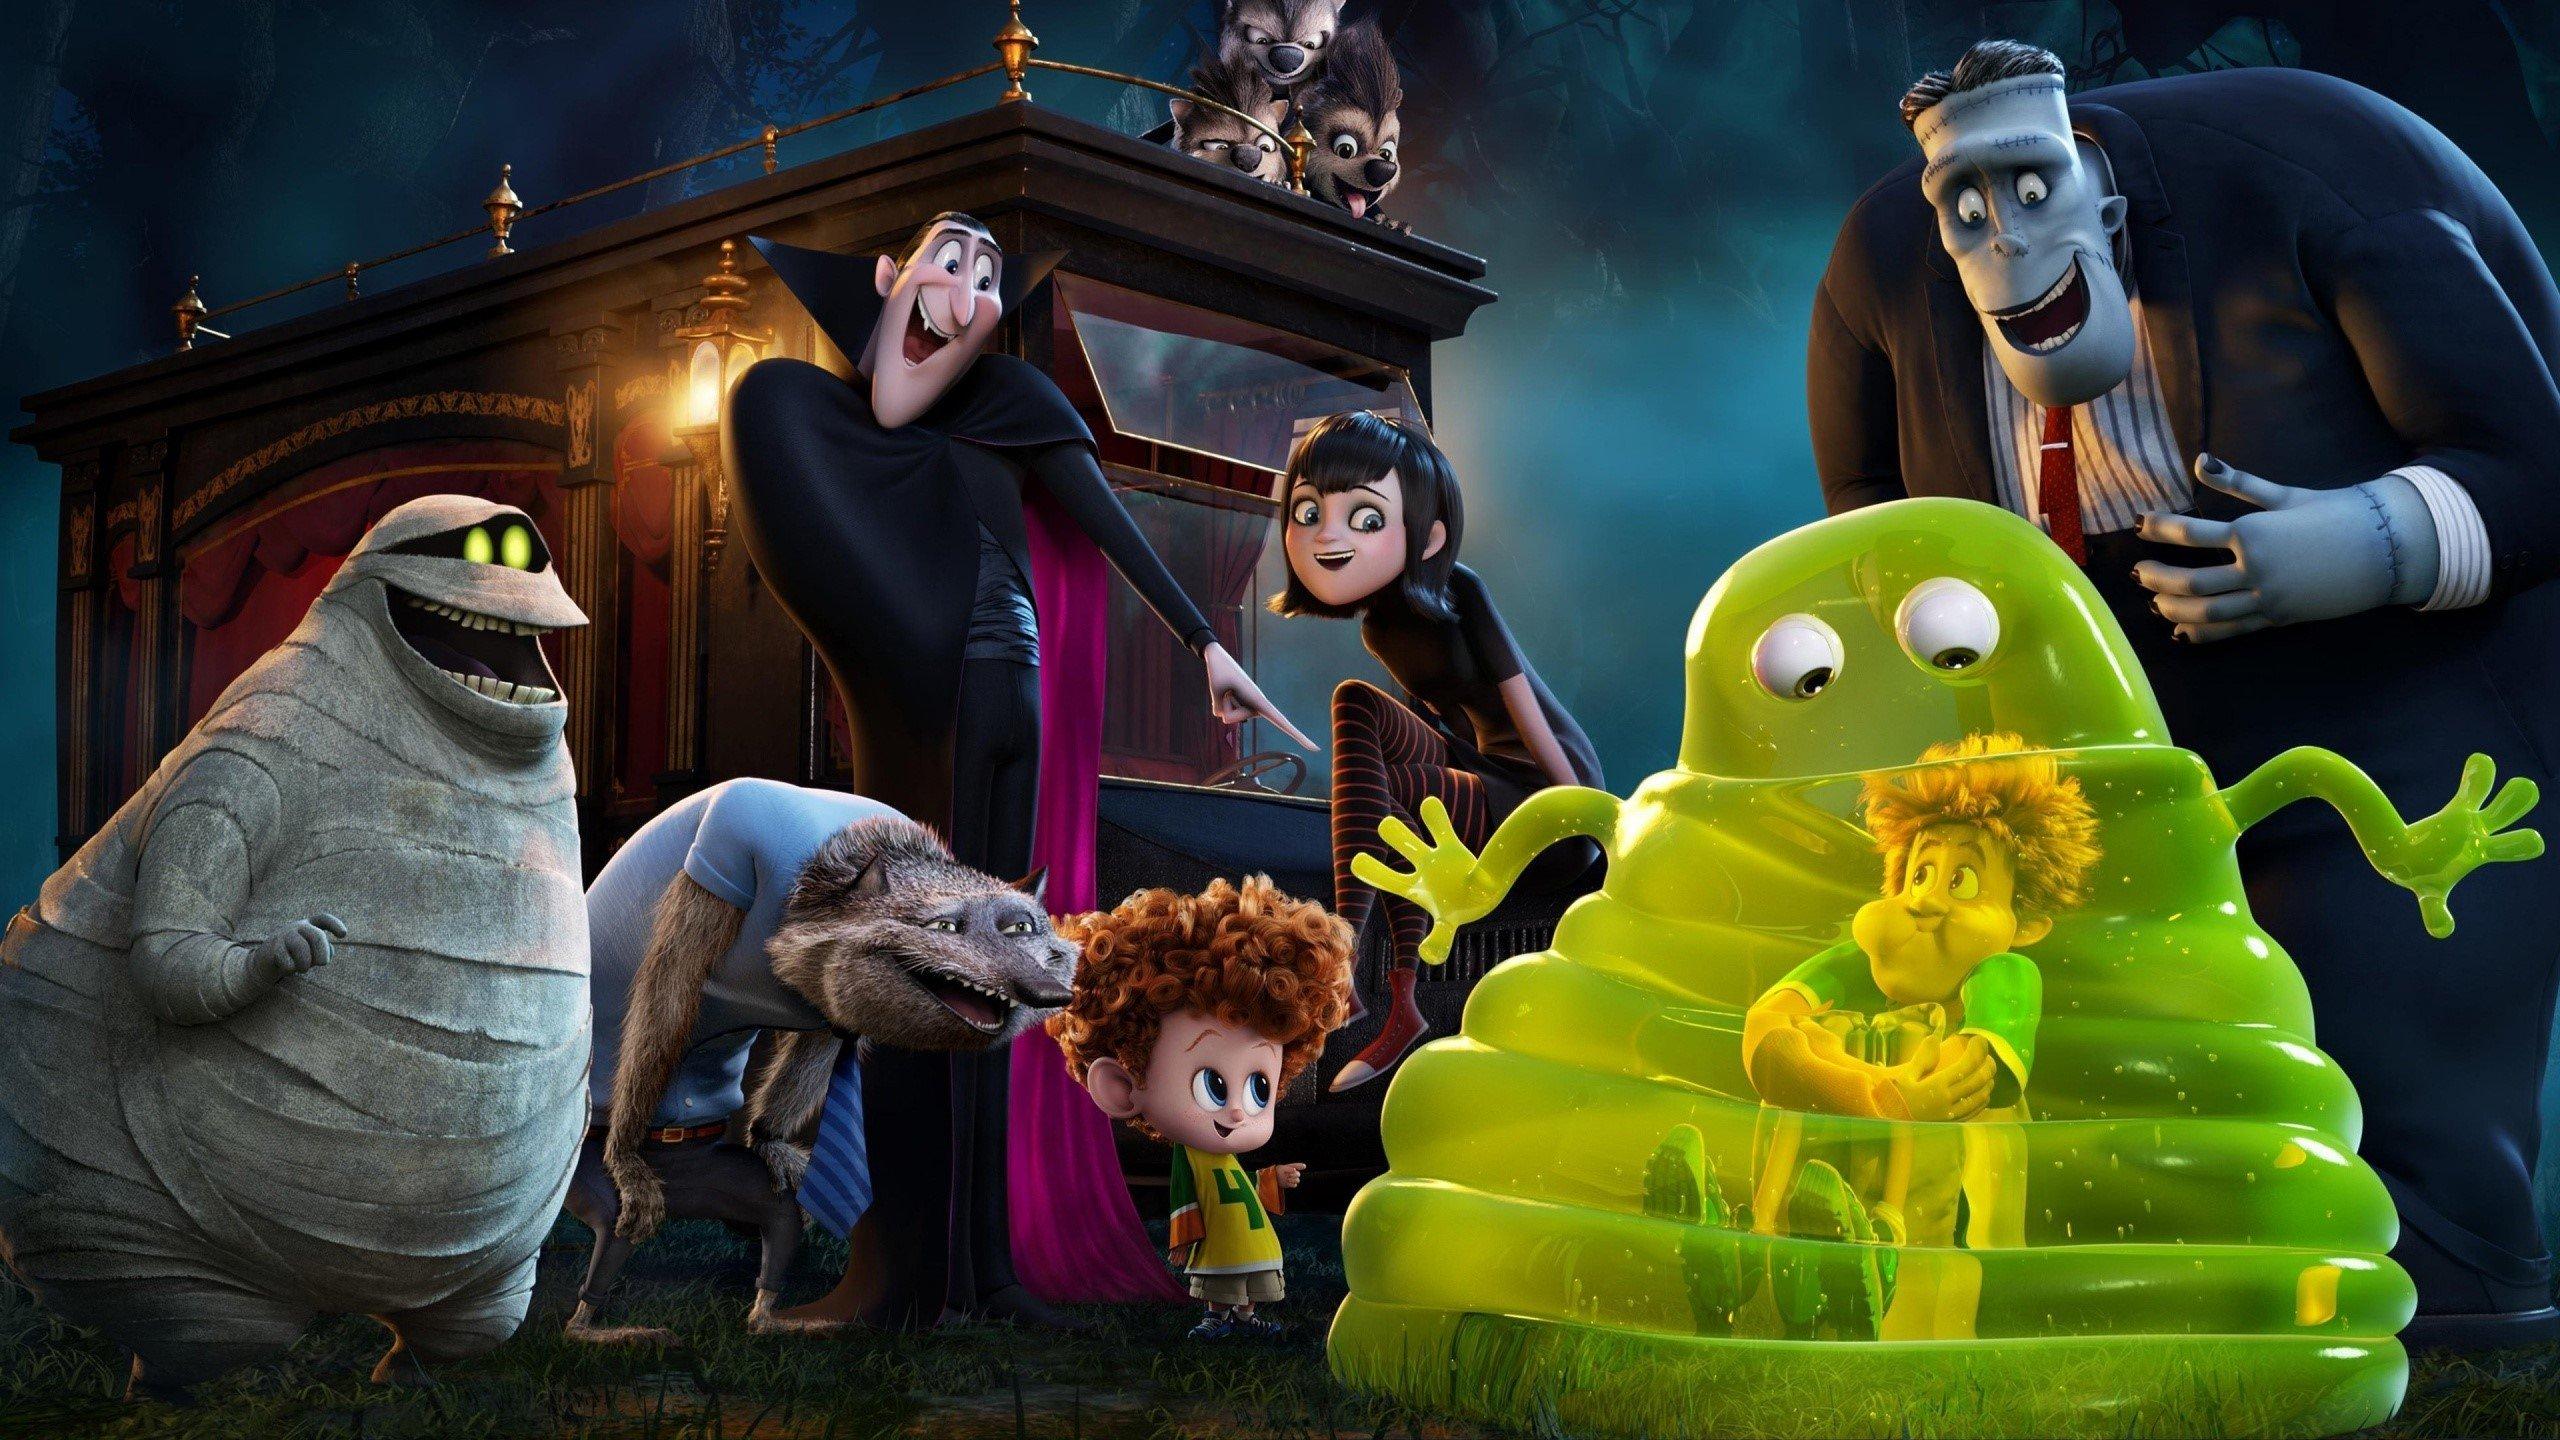 Fondos de pantalla Murray y Frankenstein Hotel Transylvania